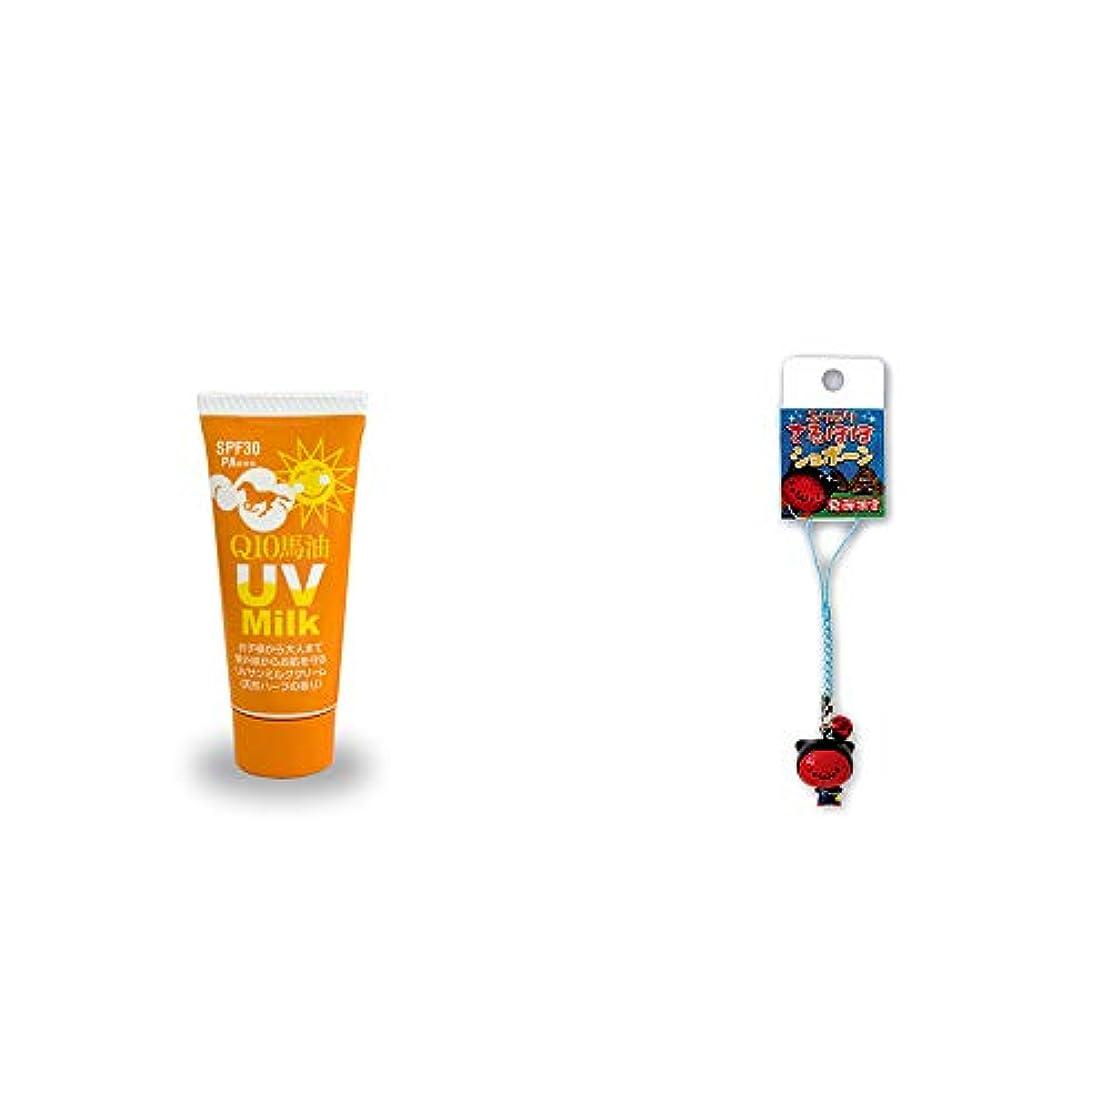 原始的な足音アクセサリー[2点セット] 炭黒泉 Q10馬油 UVサンミルク[天然ハーブ](40g)?さるぼぼショボーン ふりふり根付け(ストラップ)